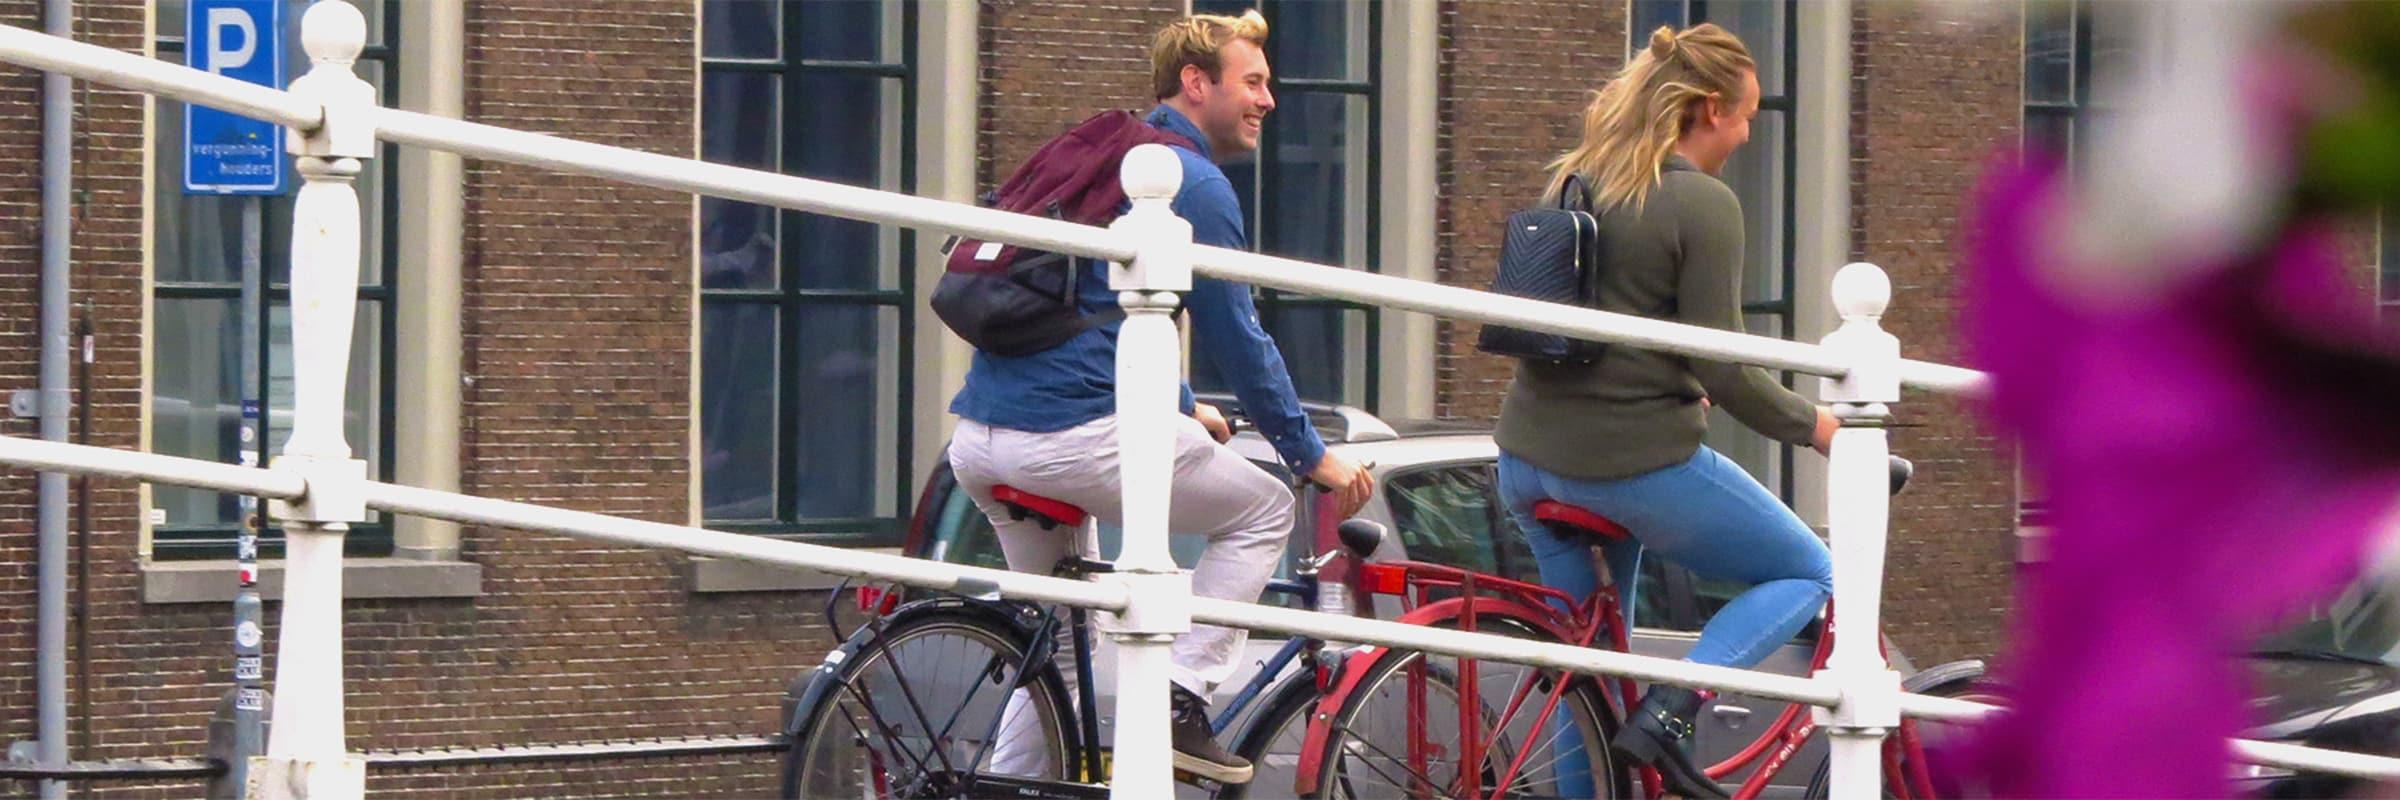 Fietsen door de stad op je duurzame lease fiets. Deze lease je bij fietsenwinkel EasyFiets in Leiden.